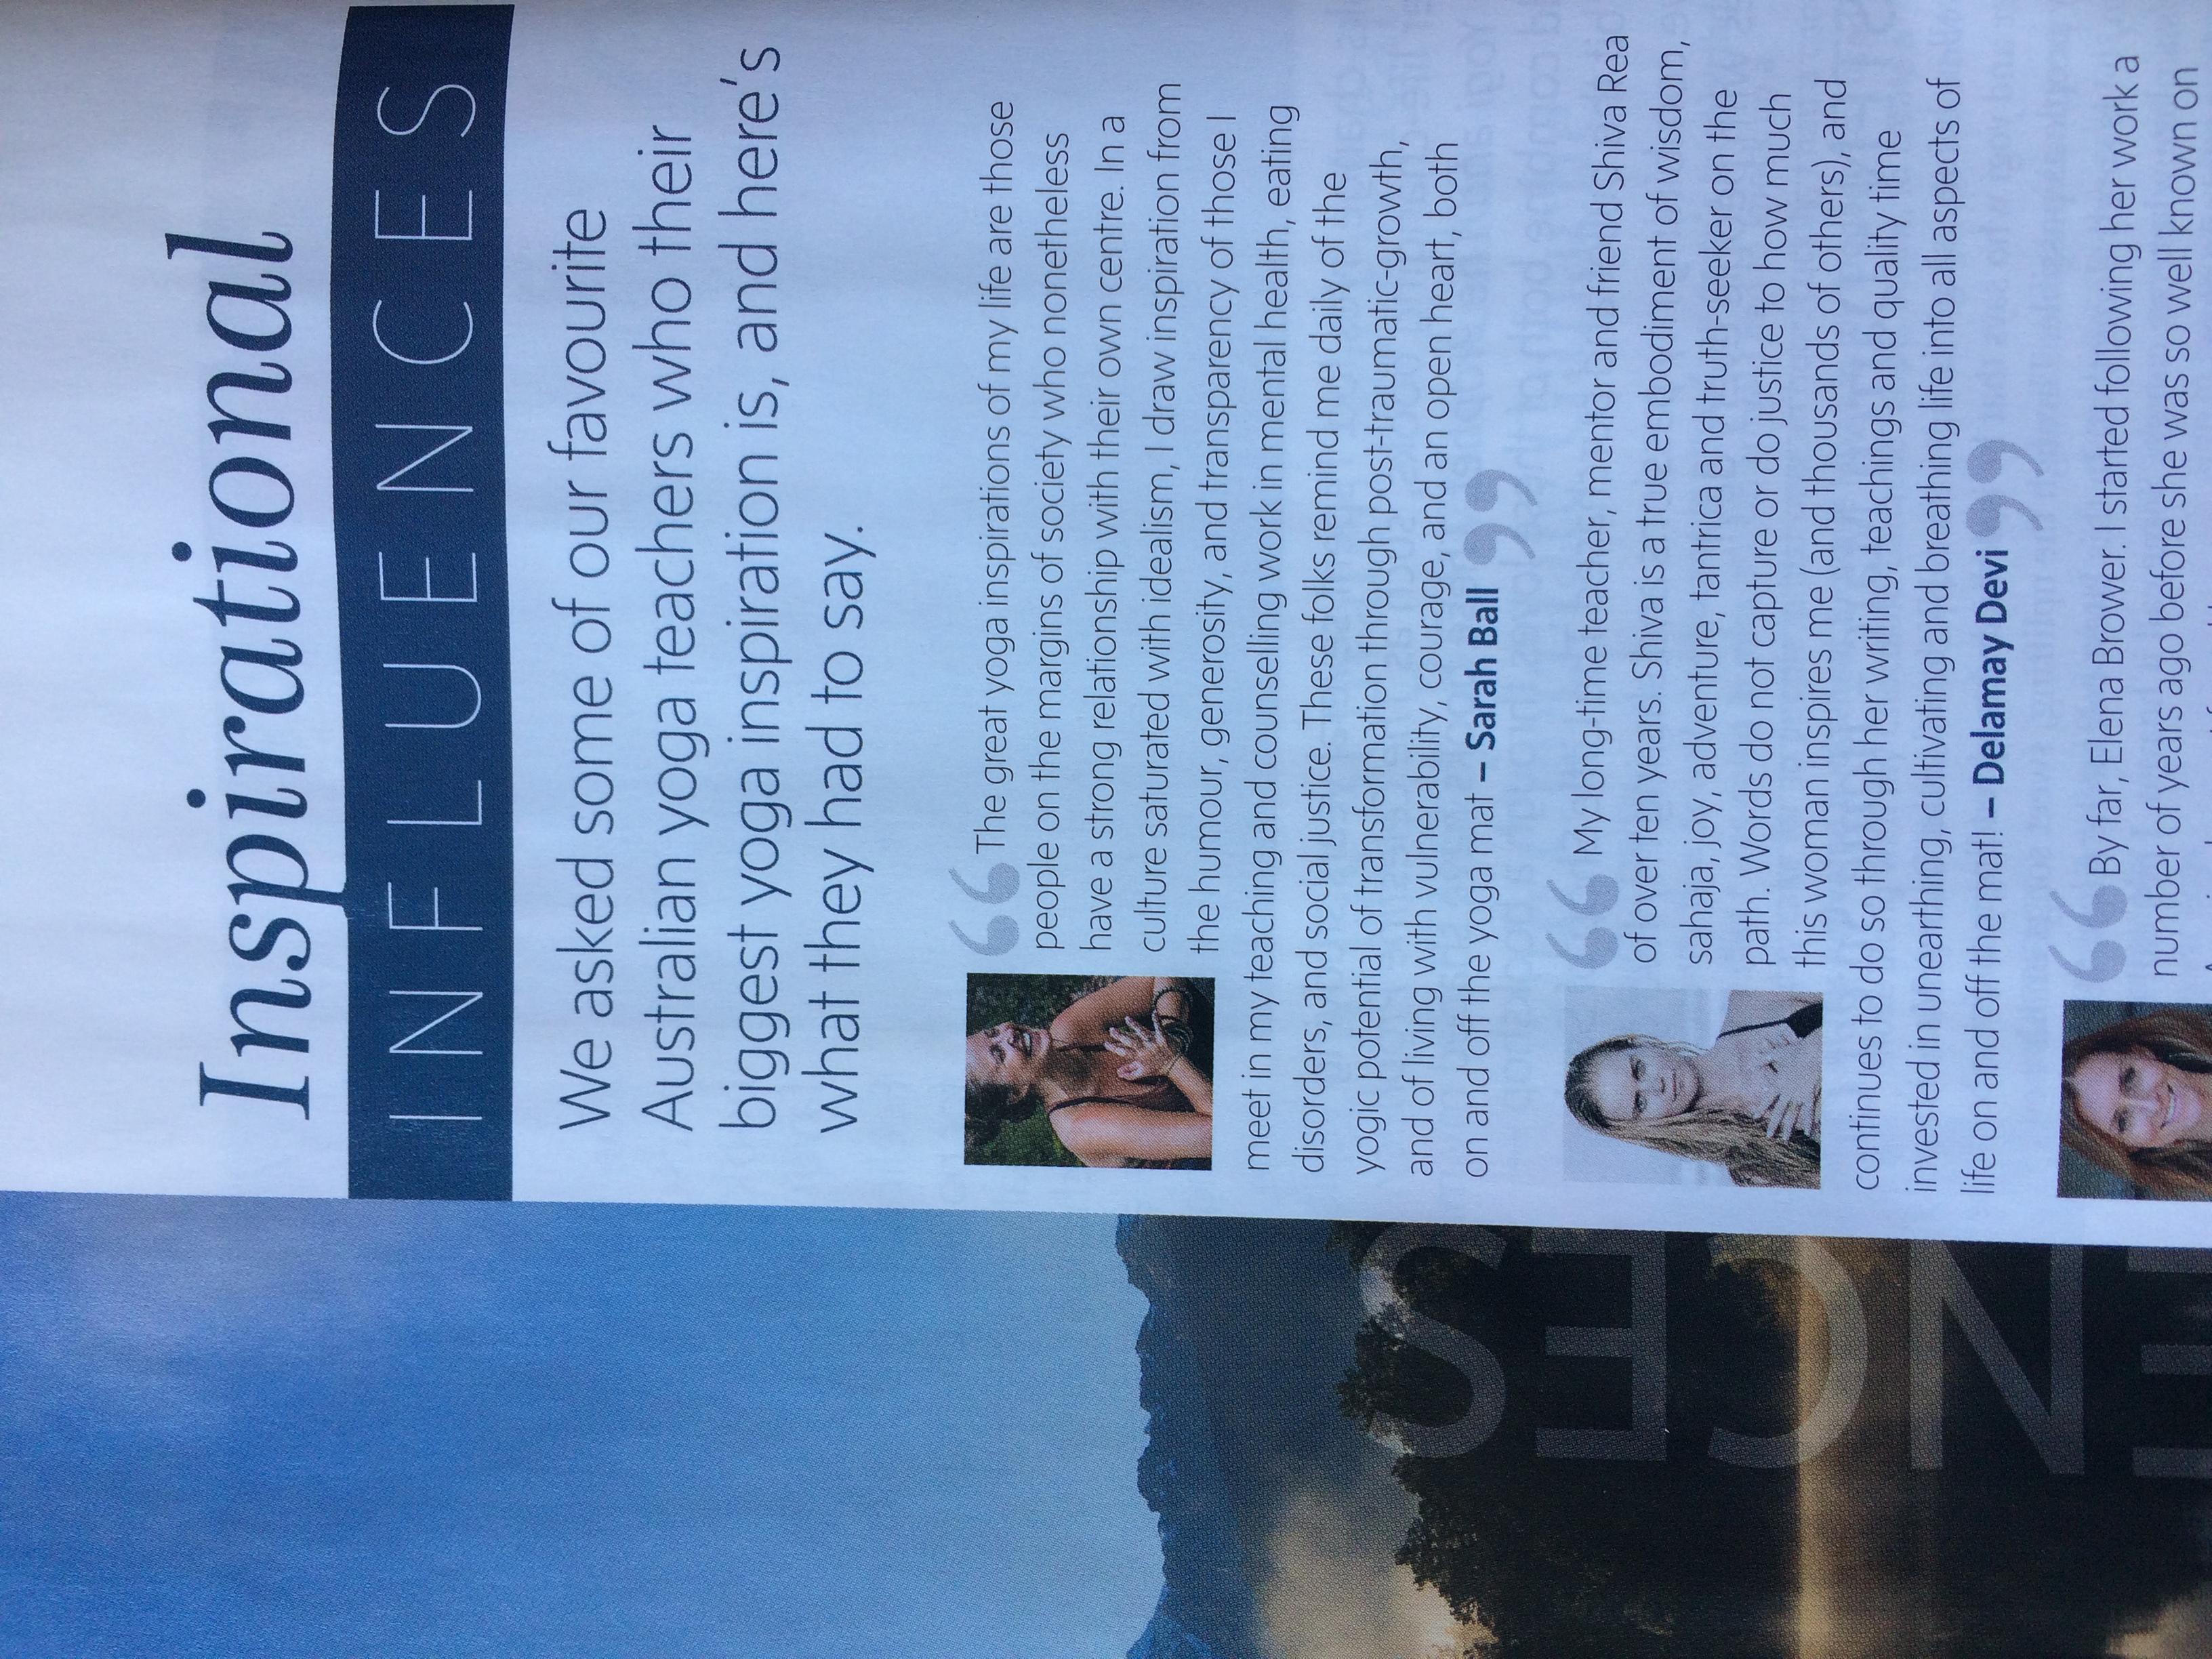 Australian Yoga Journal, Issue 63